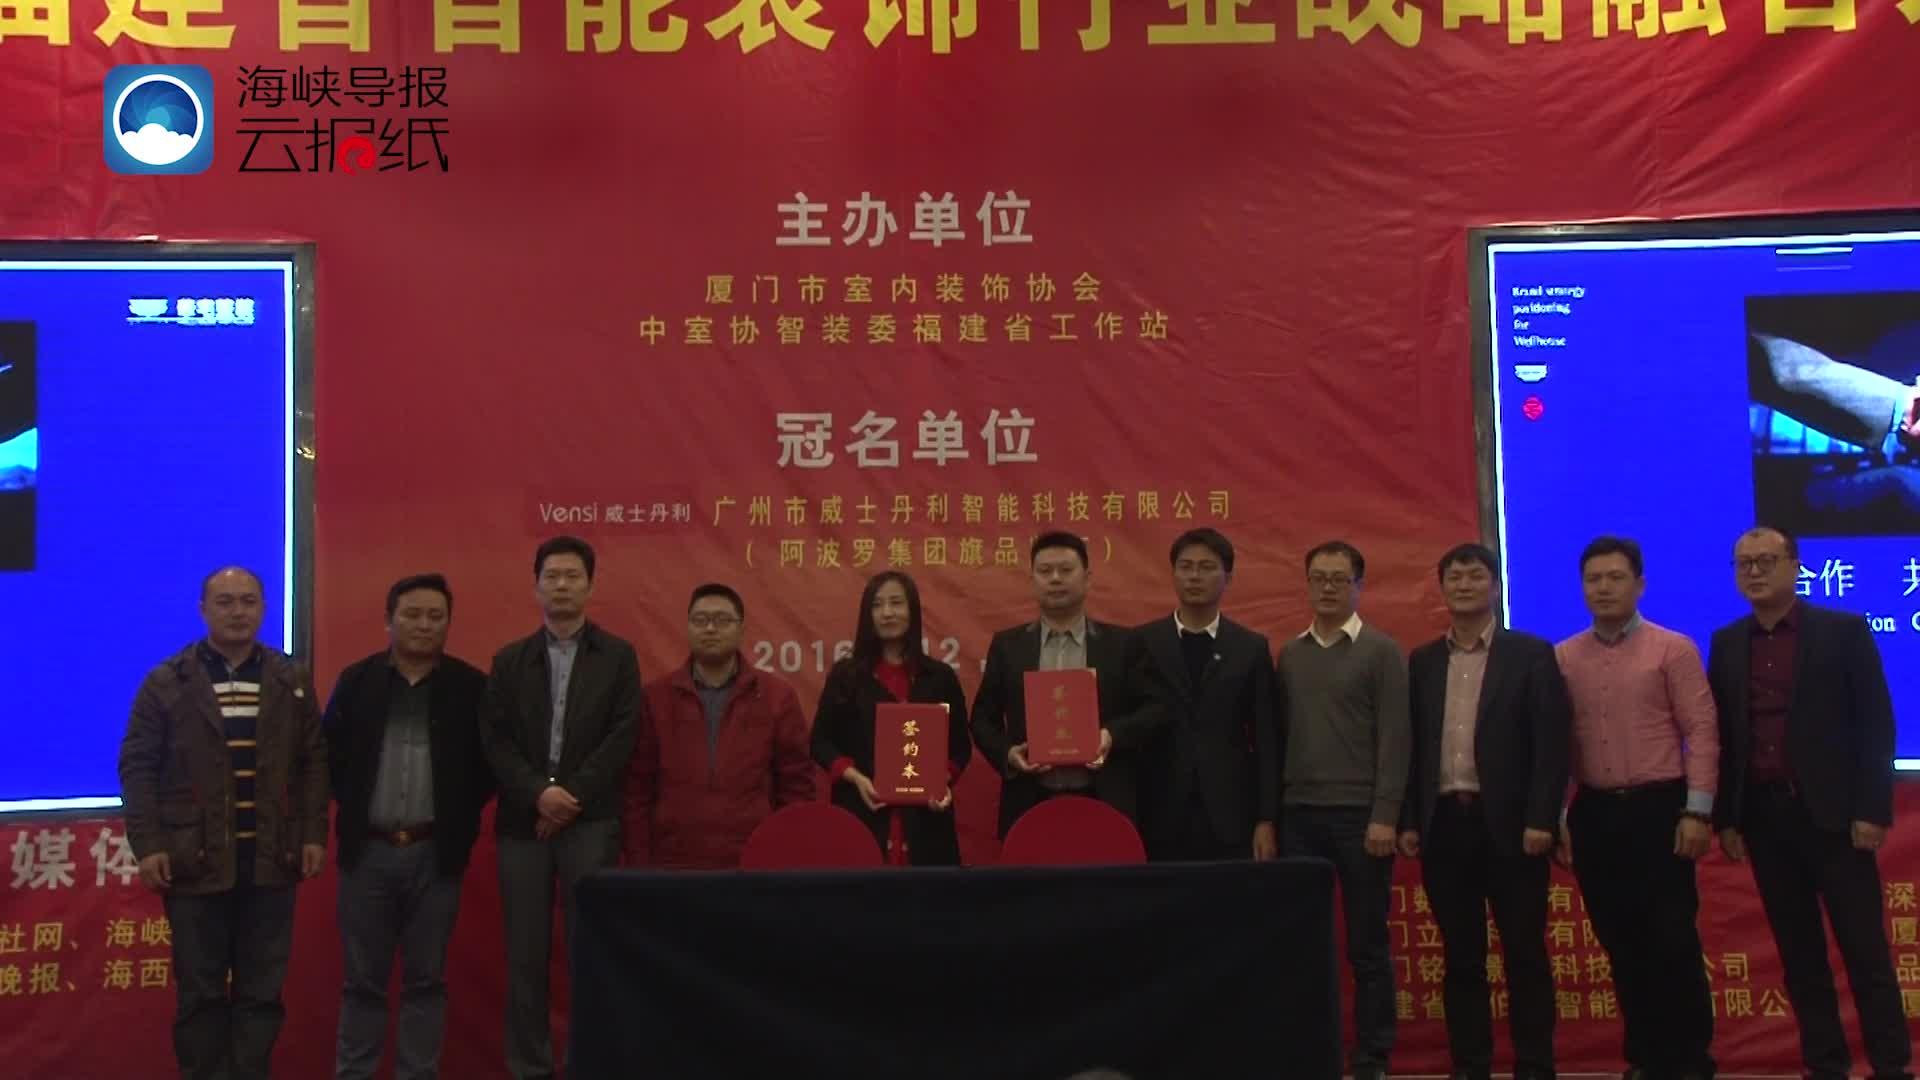 2016福建省智能装饰行业战略融合大会成功召开